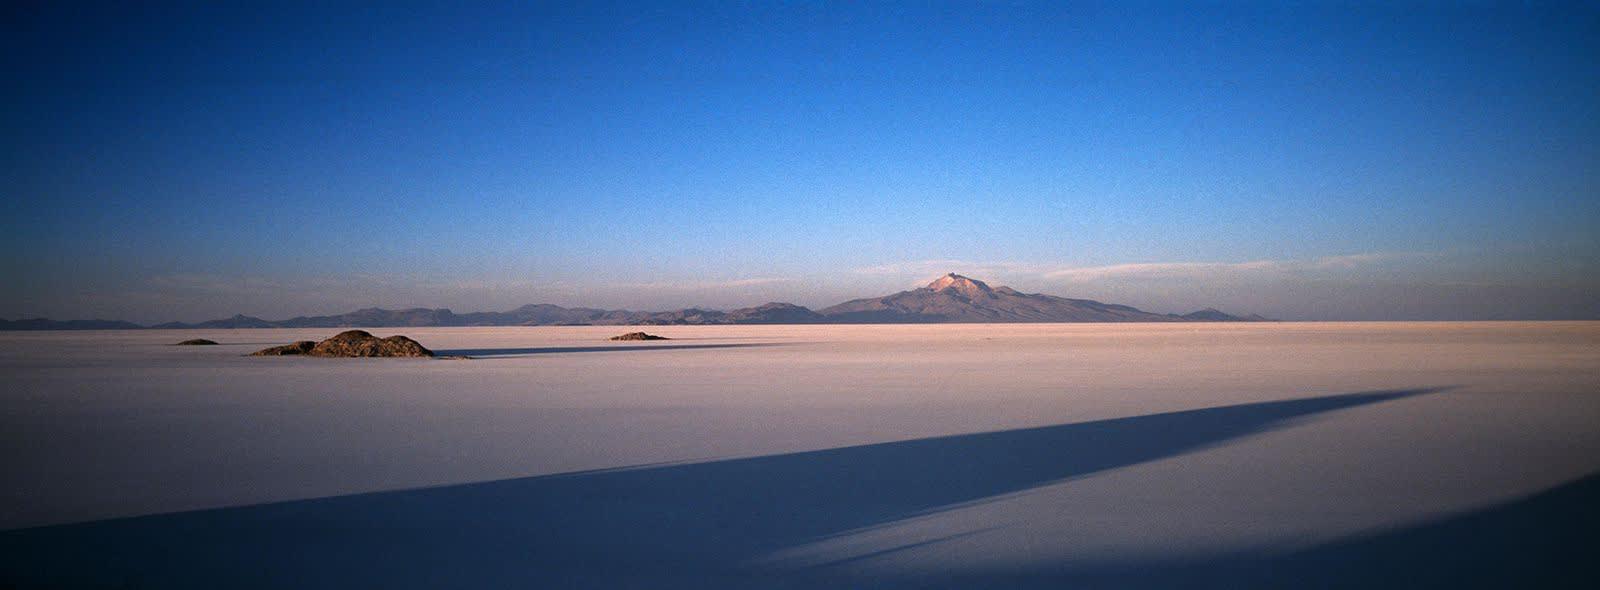 Matjaž Krivic, Salar de Uyuni, Bolivia , 2002 – 2006